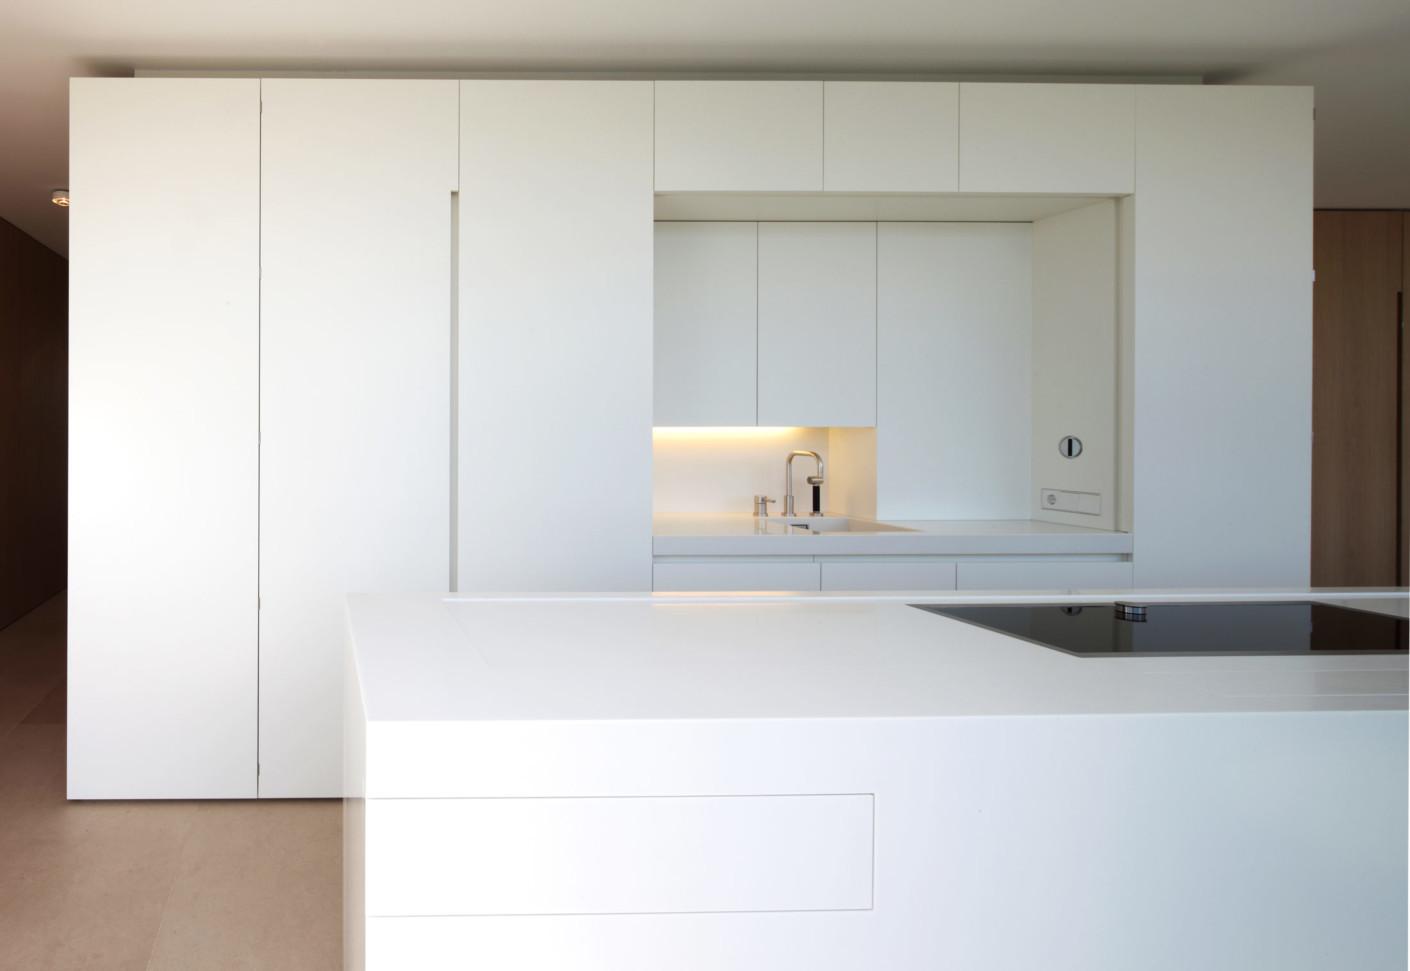 k che o17 von holzrausch stylepark. Black Bedroom Furniture Sets. Home Design Ideas